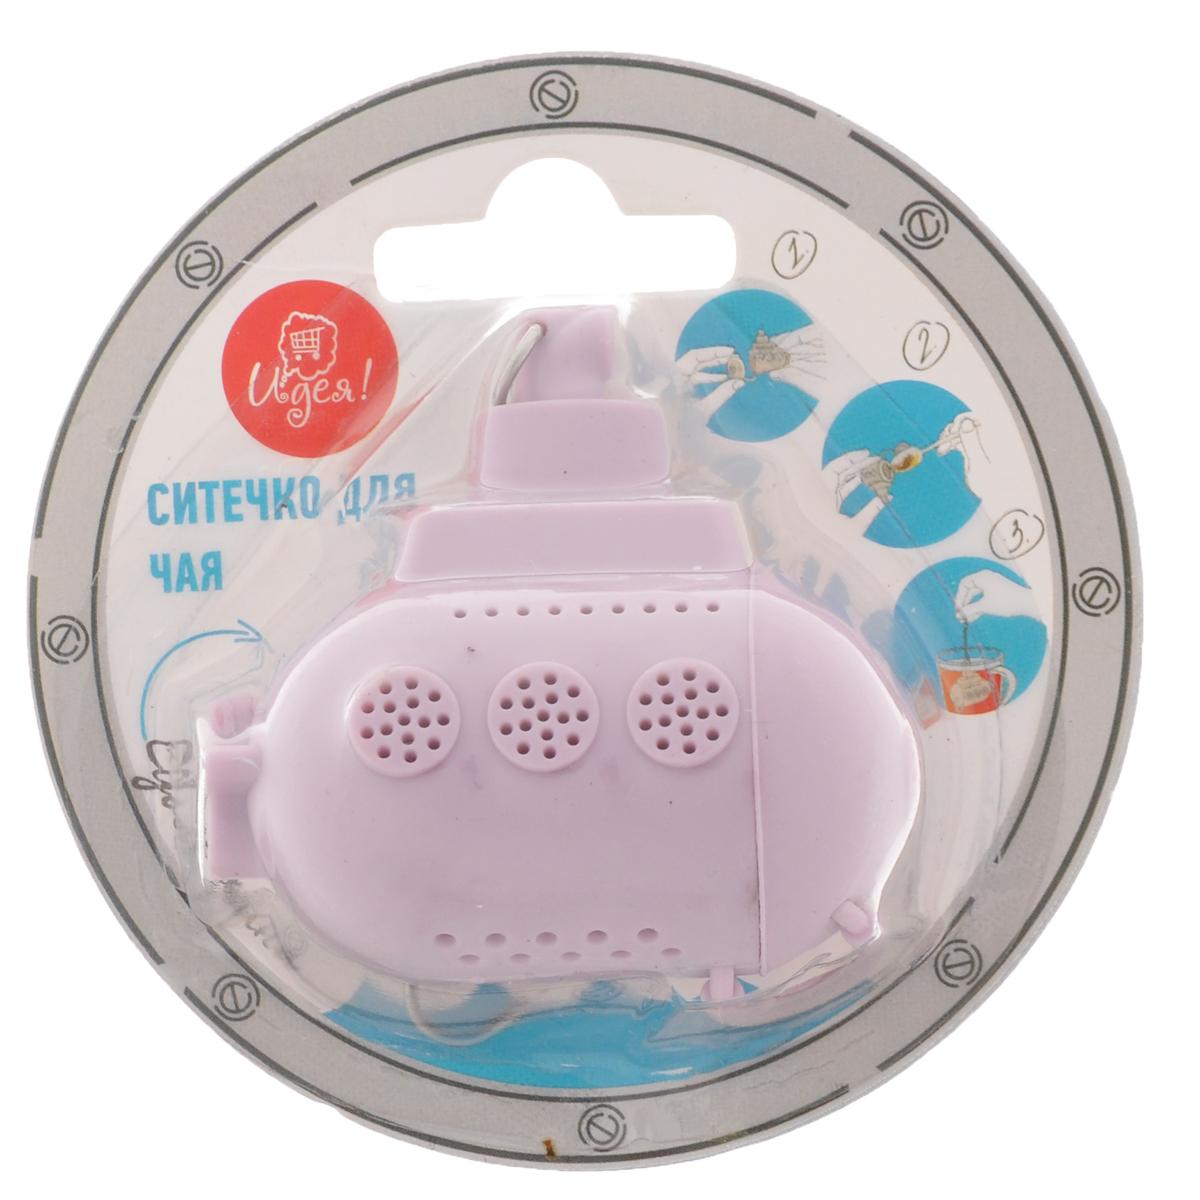 Ситечко для чая Идея Субмарина, цвет: пепельно-розовыйSBM-01_пепельно розовыйСитечко Идея Субмарина прекрасно подходит для заваривания любого вида чая. Изделие выполнено из пищевого силикона в виде подводной лодки. Ситечком очень легко пользоваться. Просто насыпьте заварку внутрь и погрузите субмарину на дно кружки. Изделие снабжено металлической цепочкой с крючком на конце. Забавная и приятная вещица для вашего домашнего чаепития. Не рекомендуется мыть в посудомоечной машине. Размер фигурки: 6 см х 5,5 см х 3 см.